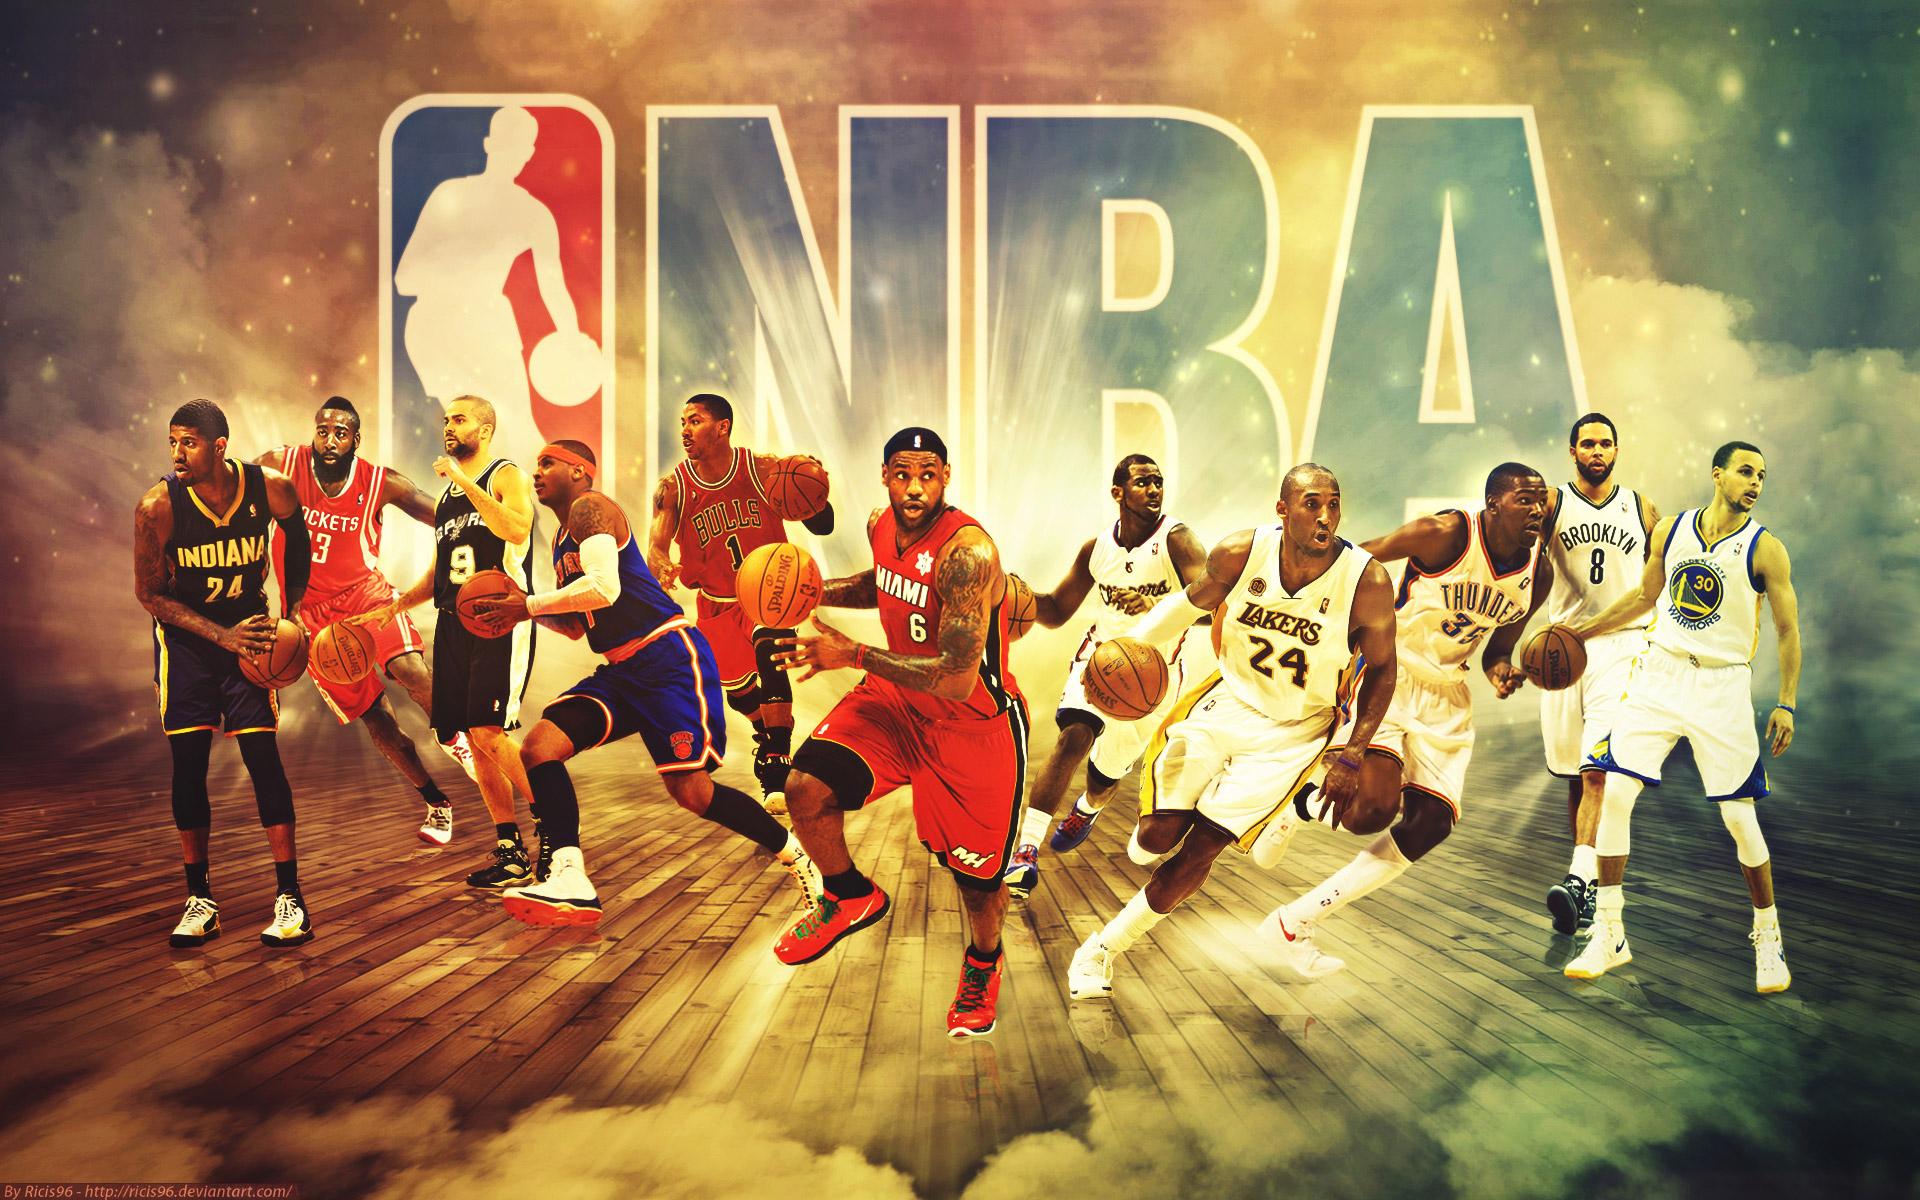 NBA Basketball Players 1920x1200